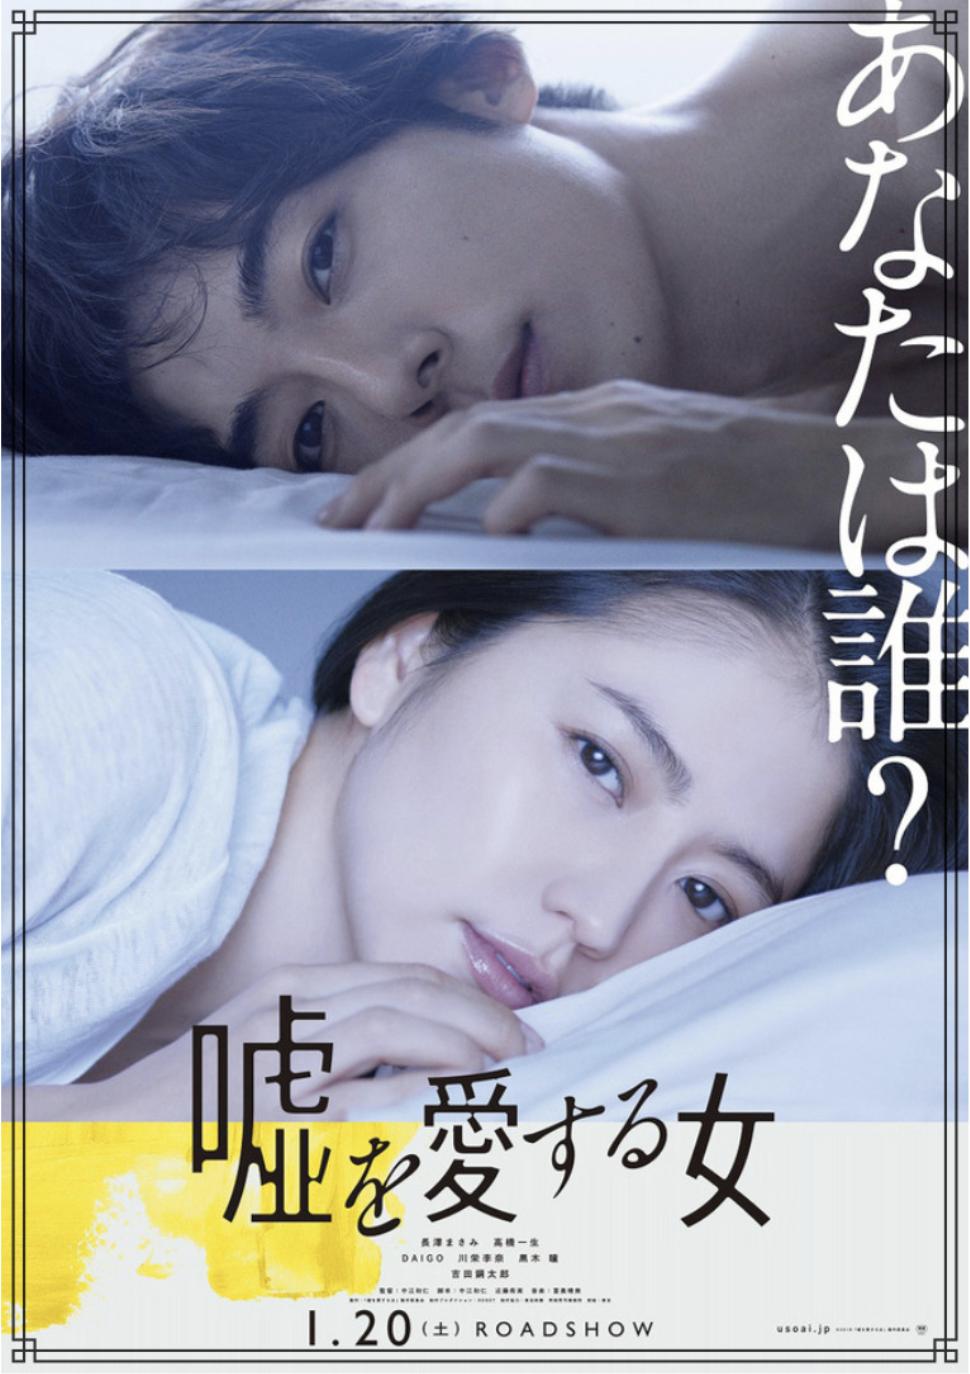 映画『嘘を愛する女』